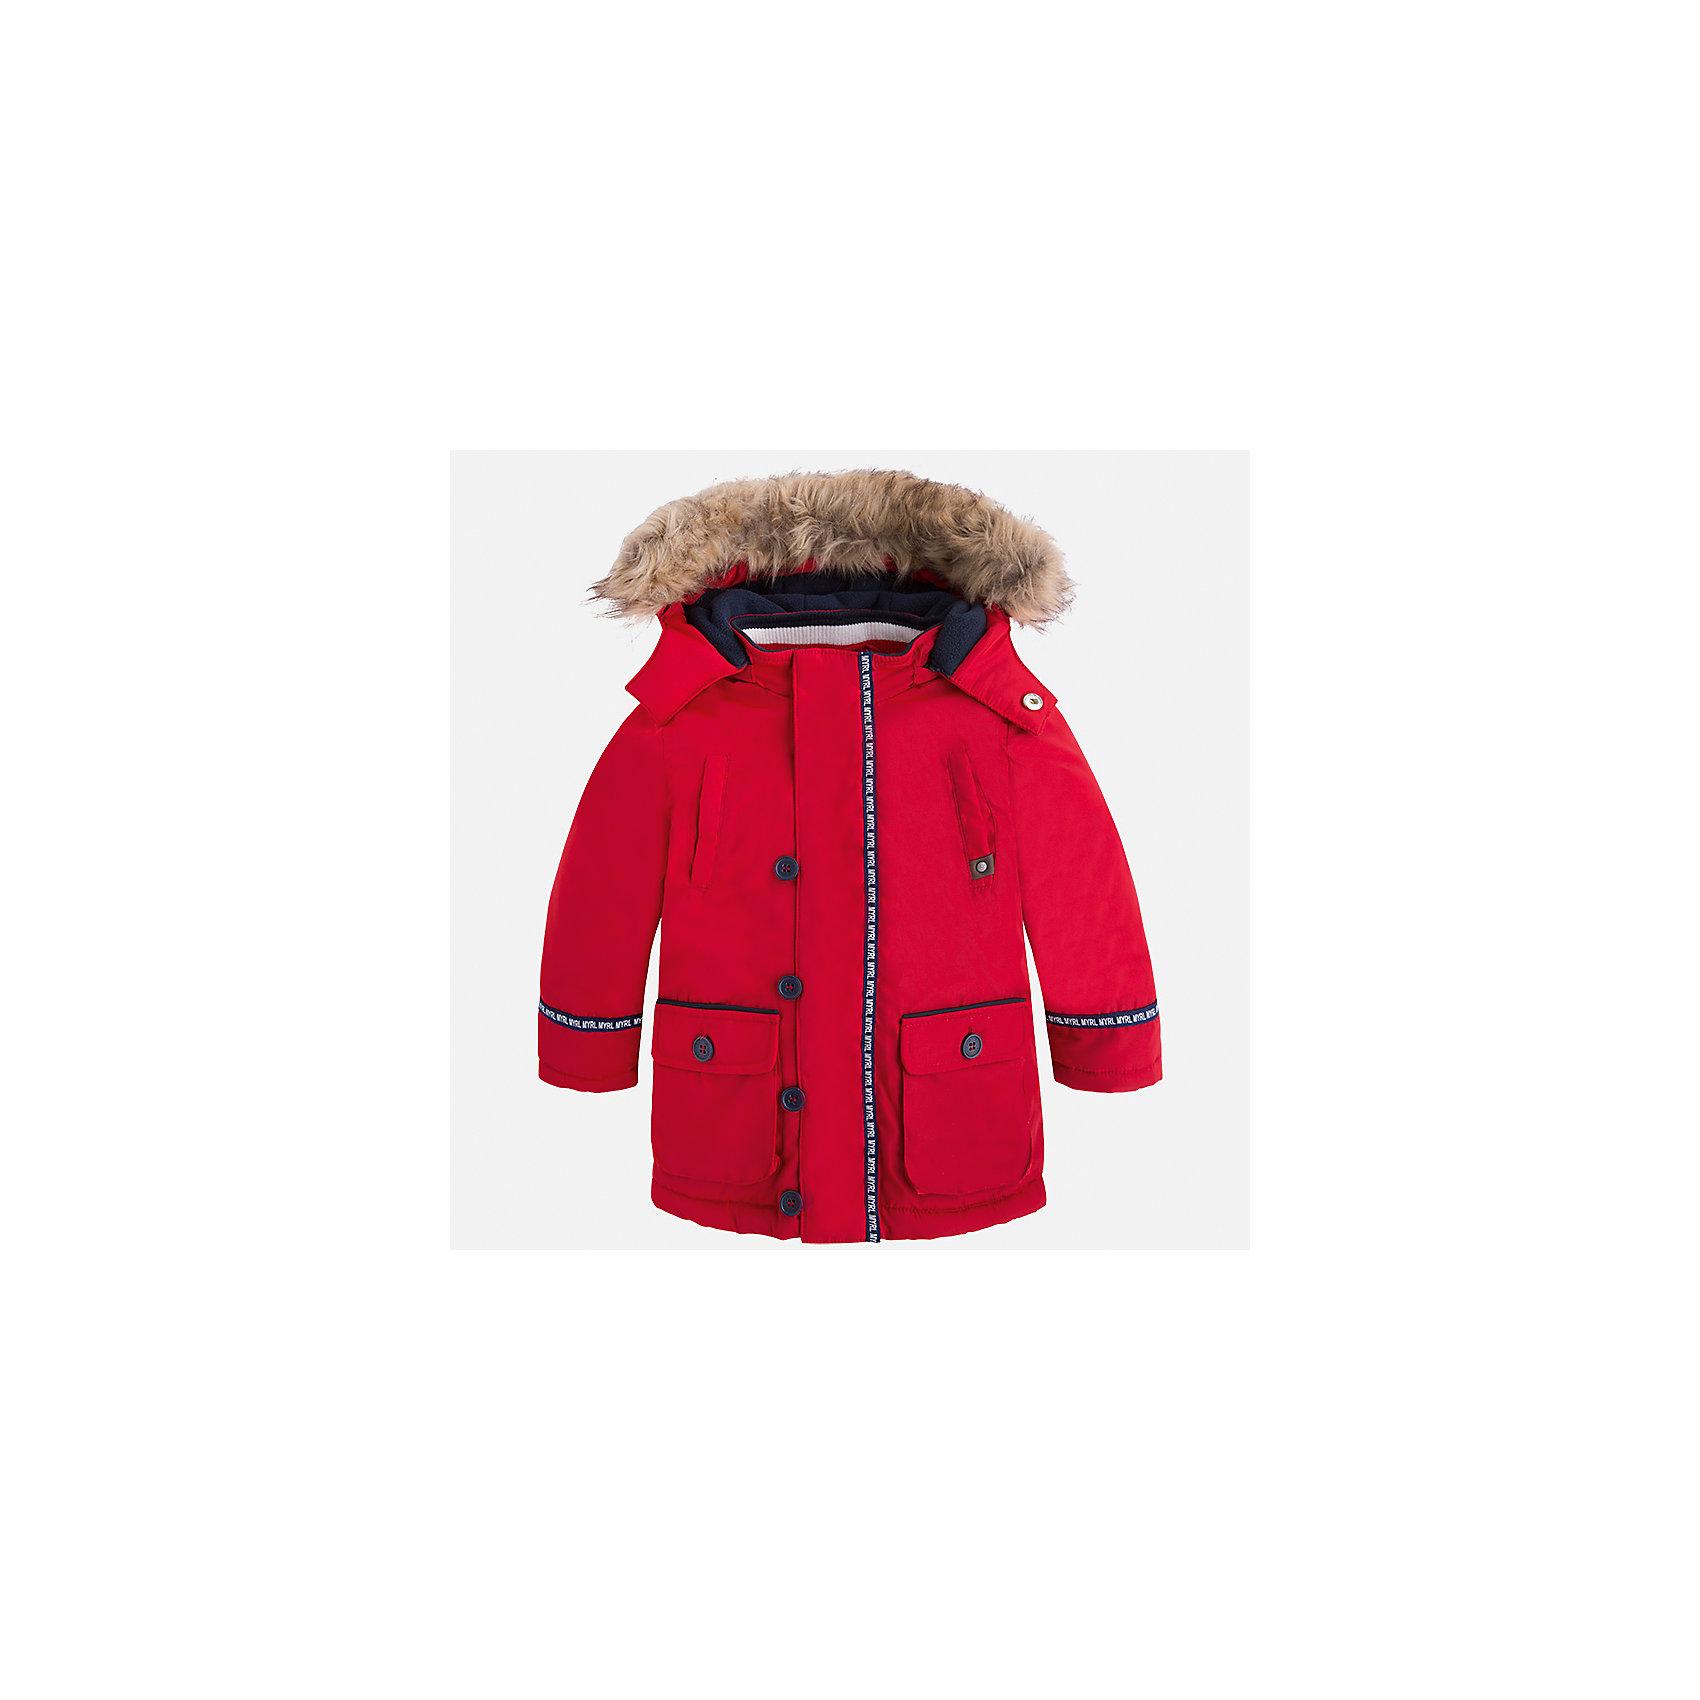 Куртка для мальчика MayoralВерхняя одежда<br>Характеристики товара:<br><br>• цвет: красный<br>• состав ткани: 100% полиэстер<br>• подкладка: 100% полиэстер<br>• утеплитель: 100% полиэстер<br>• сезон: демисезон<br>• температурный режим: от -10 до +10<br>• особенности куртки: с капюшоном<br>• капюшон: с опушкой<br>• застежка: молния<br>• страна бренда: Испания<br>• страна изготовитель: Индия<br><br>Яркая детская куртка сделана из легкого, но теплого материала. Благодаря качественной ткани детской куртки для мальчика создаются комфортные условия для тела. Красная куртка для мальчика отличается стильным продуманным дизайном.<br><br>Куртку для мальчика Mayoral (Майорал) можно купить в нашем интернет-магазине.<br><br>Ширина мм: 356<br>Глубина мм: 10<br>Высота мм: 245<br>Вес г: 519<br>Цвет: красный<br>Возраст от месяцев: 84<br>Возраст до месяцев: 96<br>Пол: Мужской<br>Возраст: Детский<br>Размер: 128,122,116,110,104,98,92,134<br>SKU: 6934715